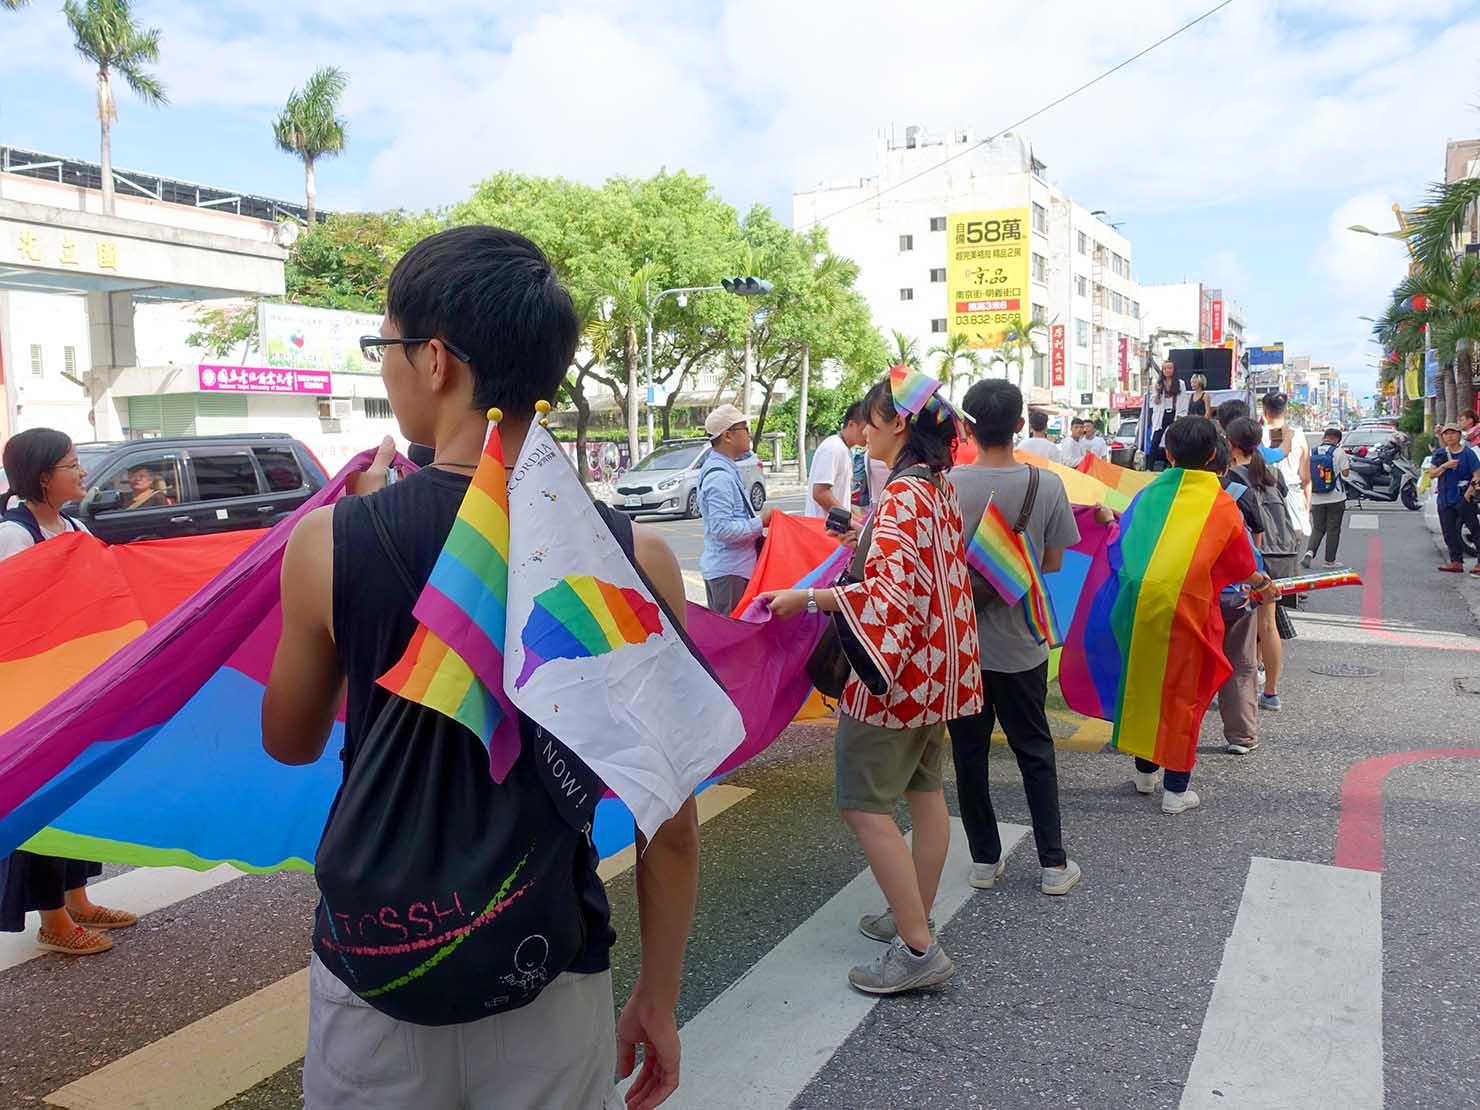 花東彩虹嘉年華(台湾東部LGBTプライド)で巨大レインボーフラッグを持つスタッフ